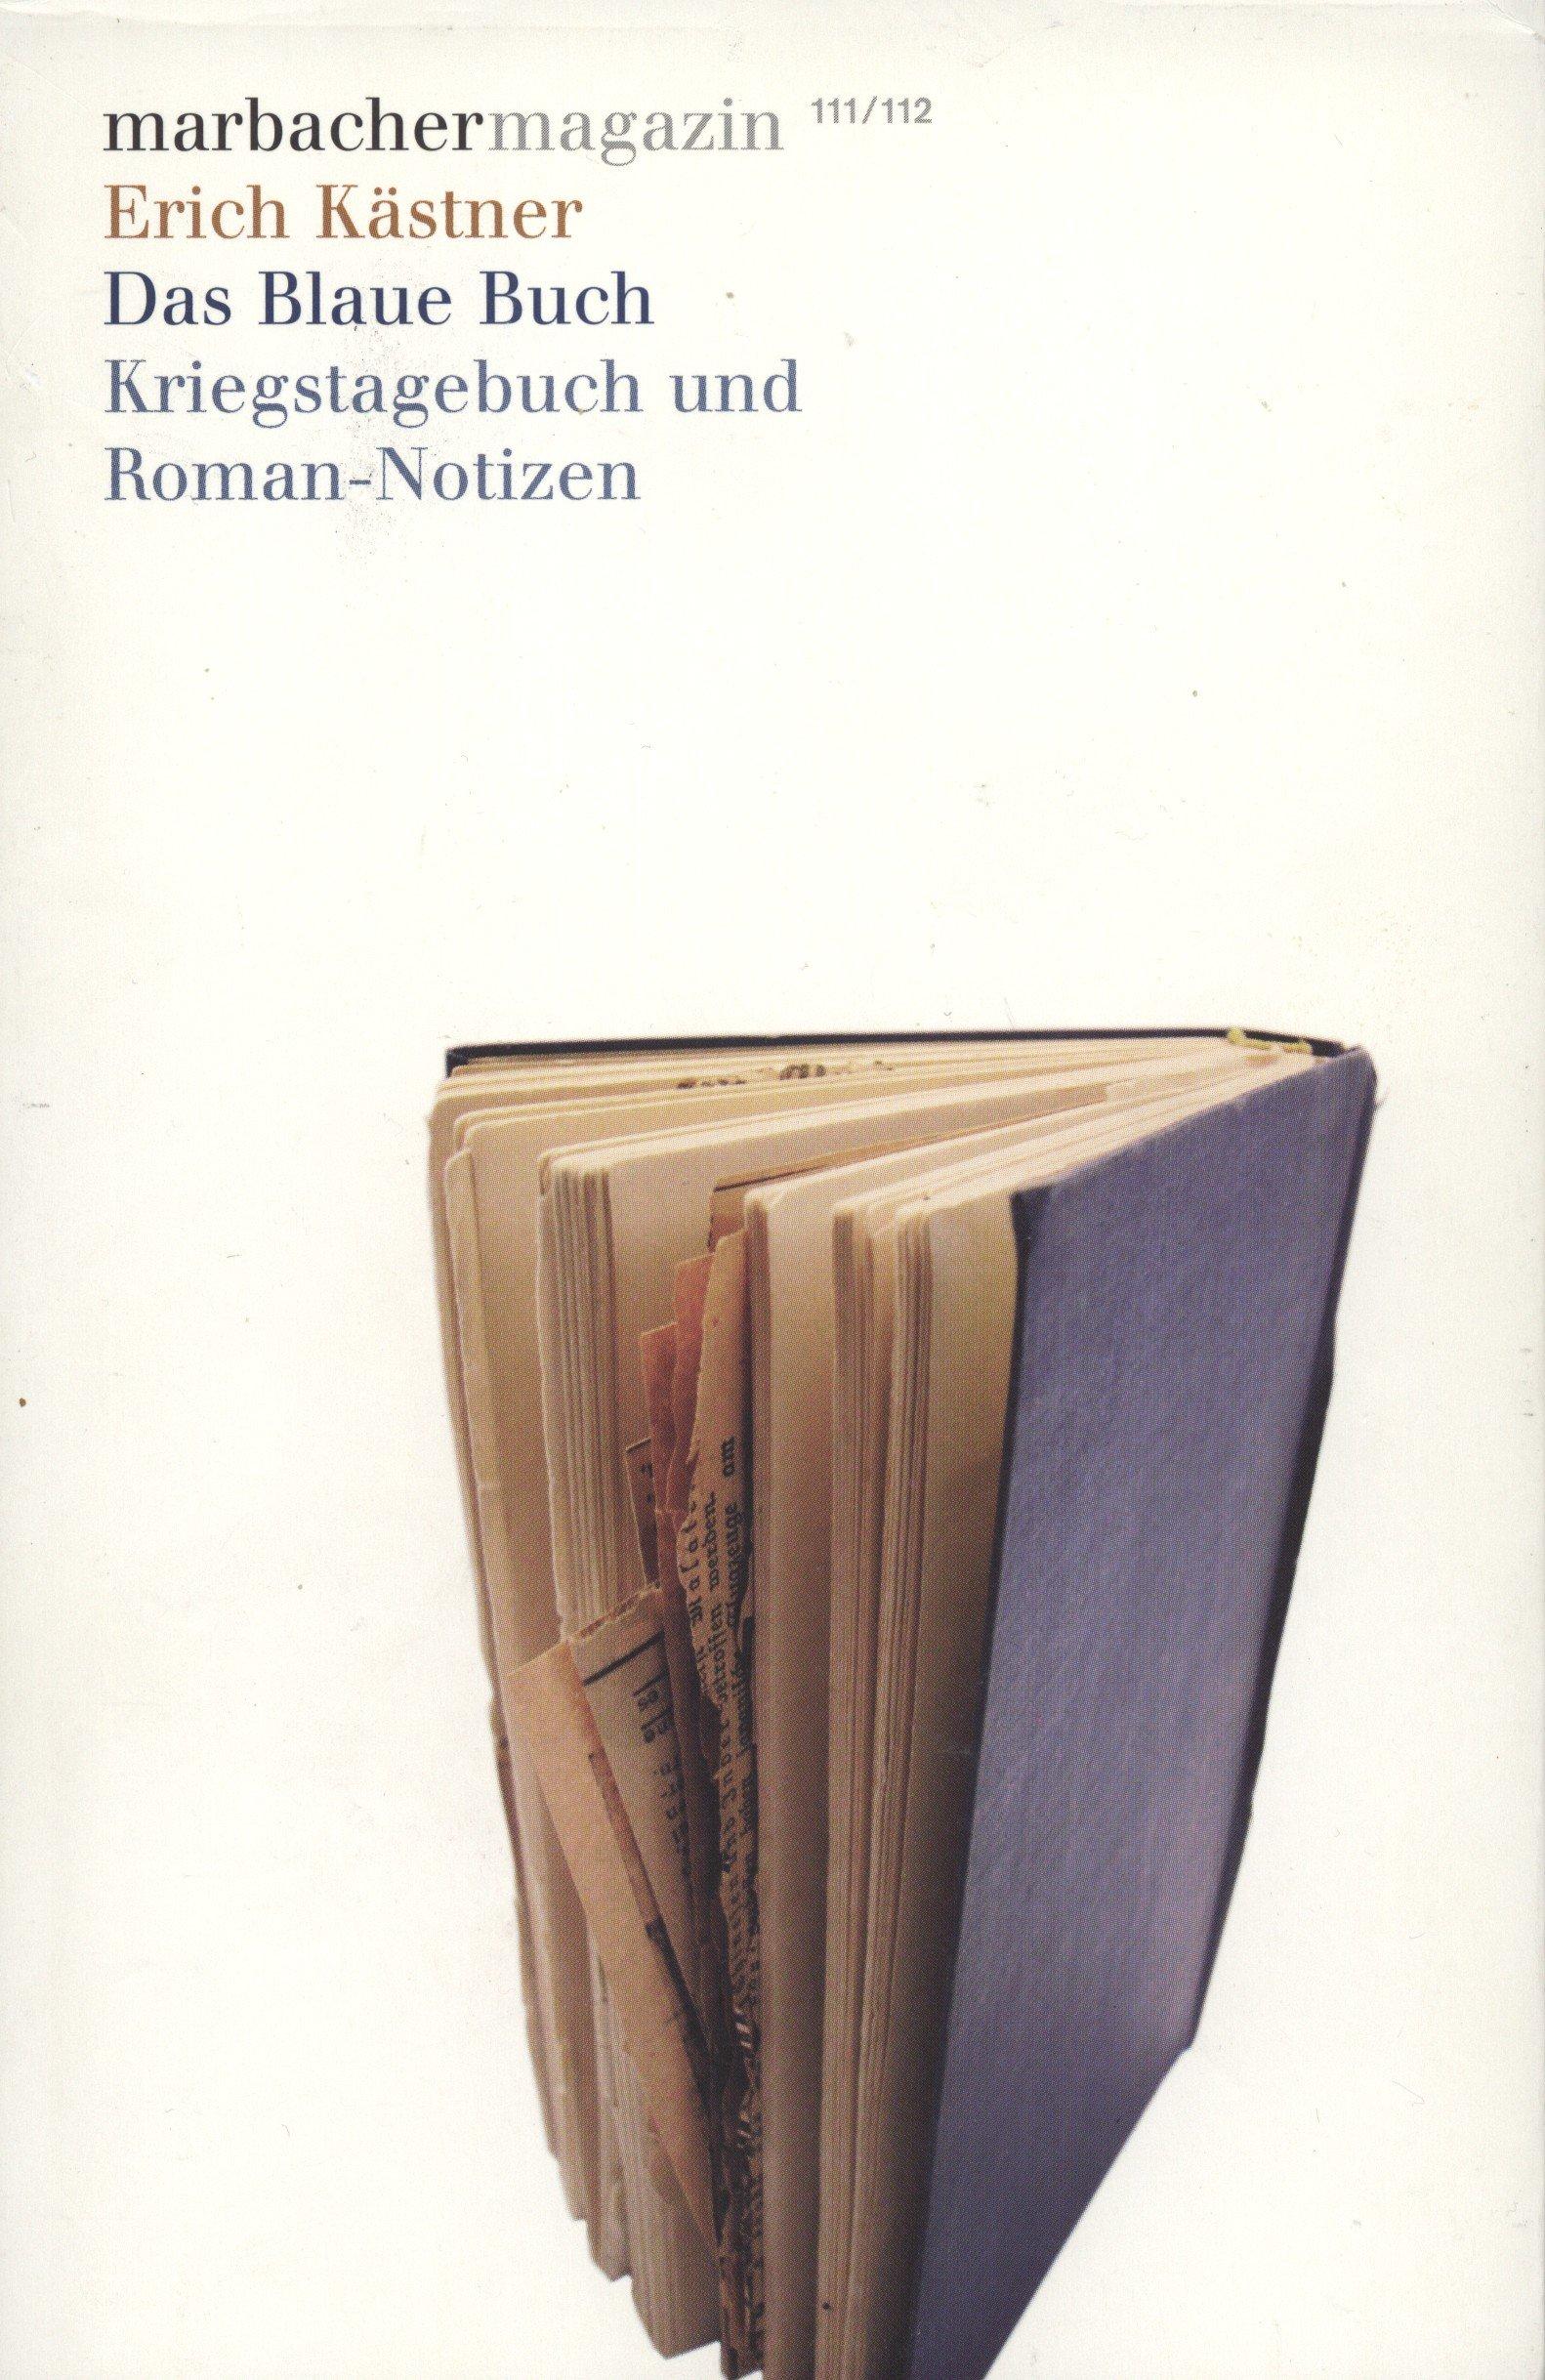 Erich Kästner: Das Blaue Buch. Kriegstagebuch und Roman-Notizen ...